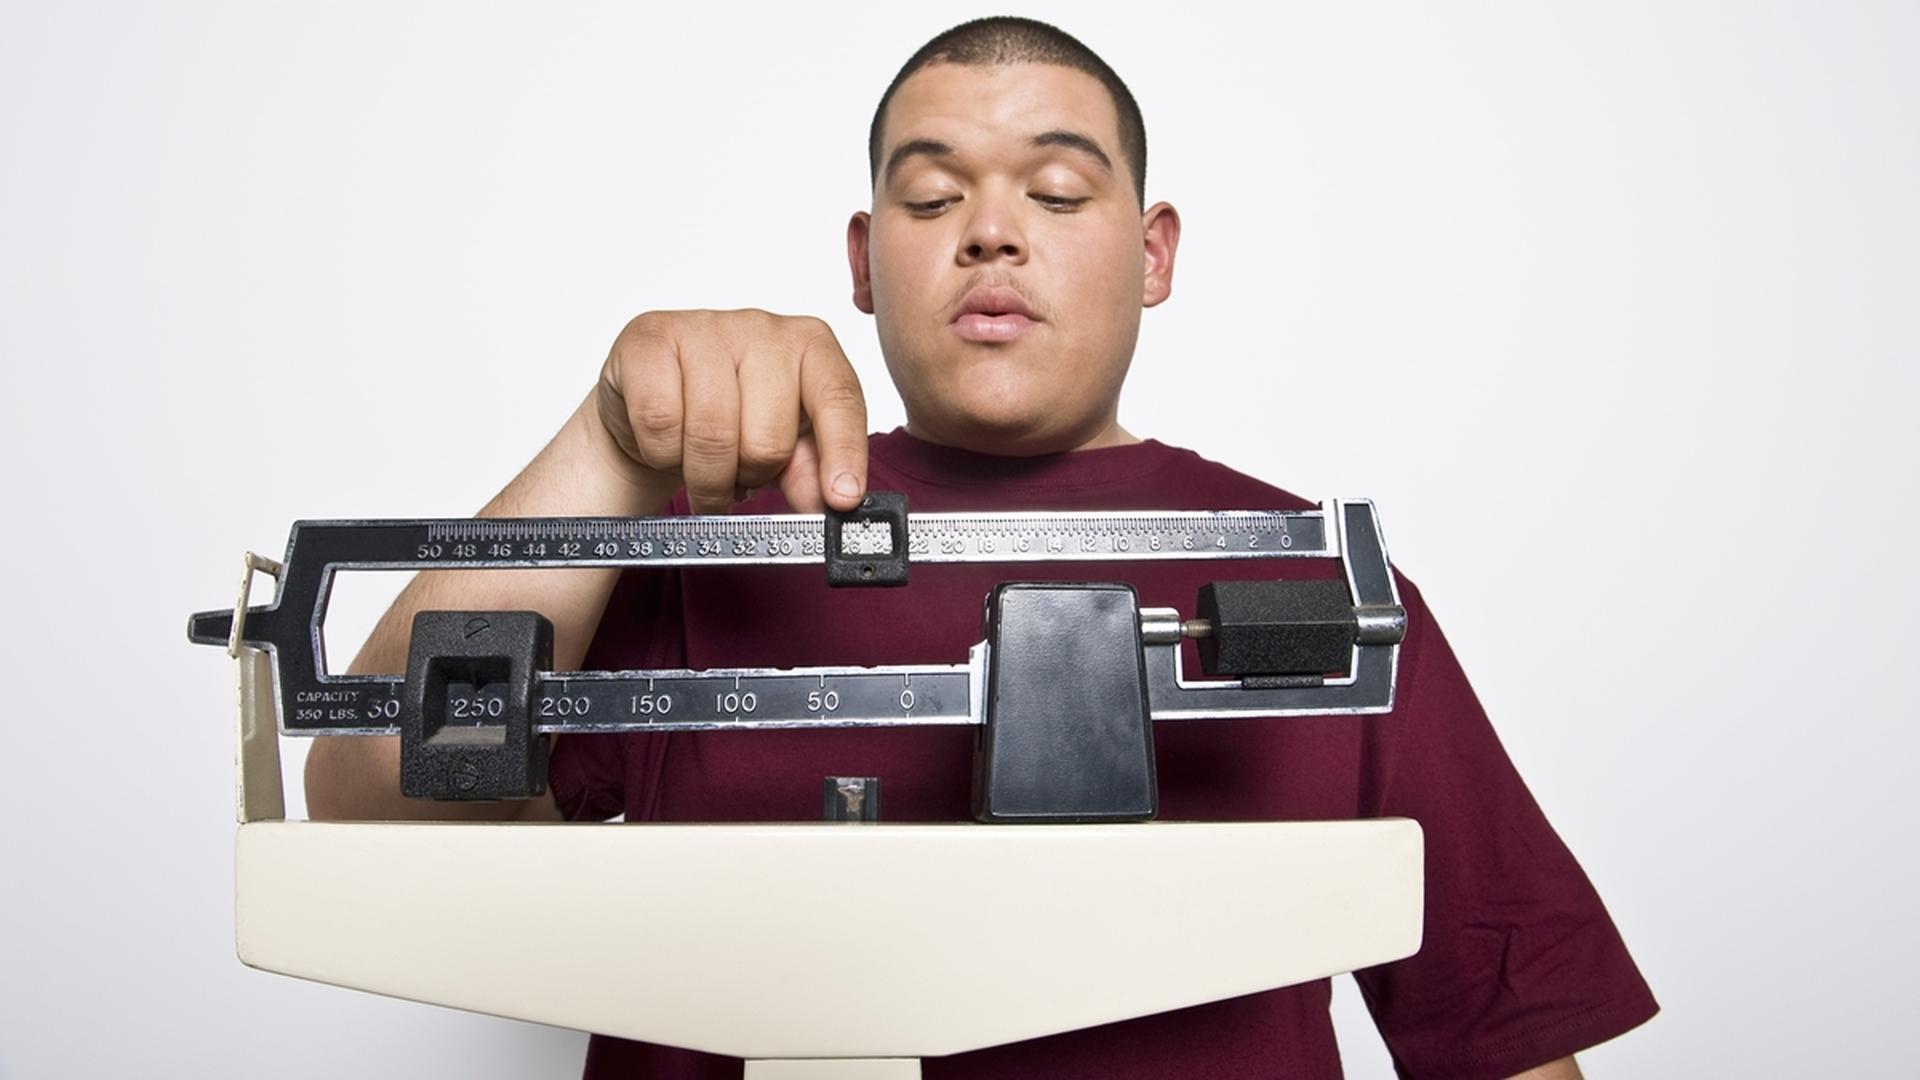 Учёные нашли способ доставлять лекарства против ожирения прямо к месту проблемы, минимизирую тем самым негативные последствия для других частей организма